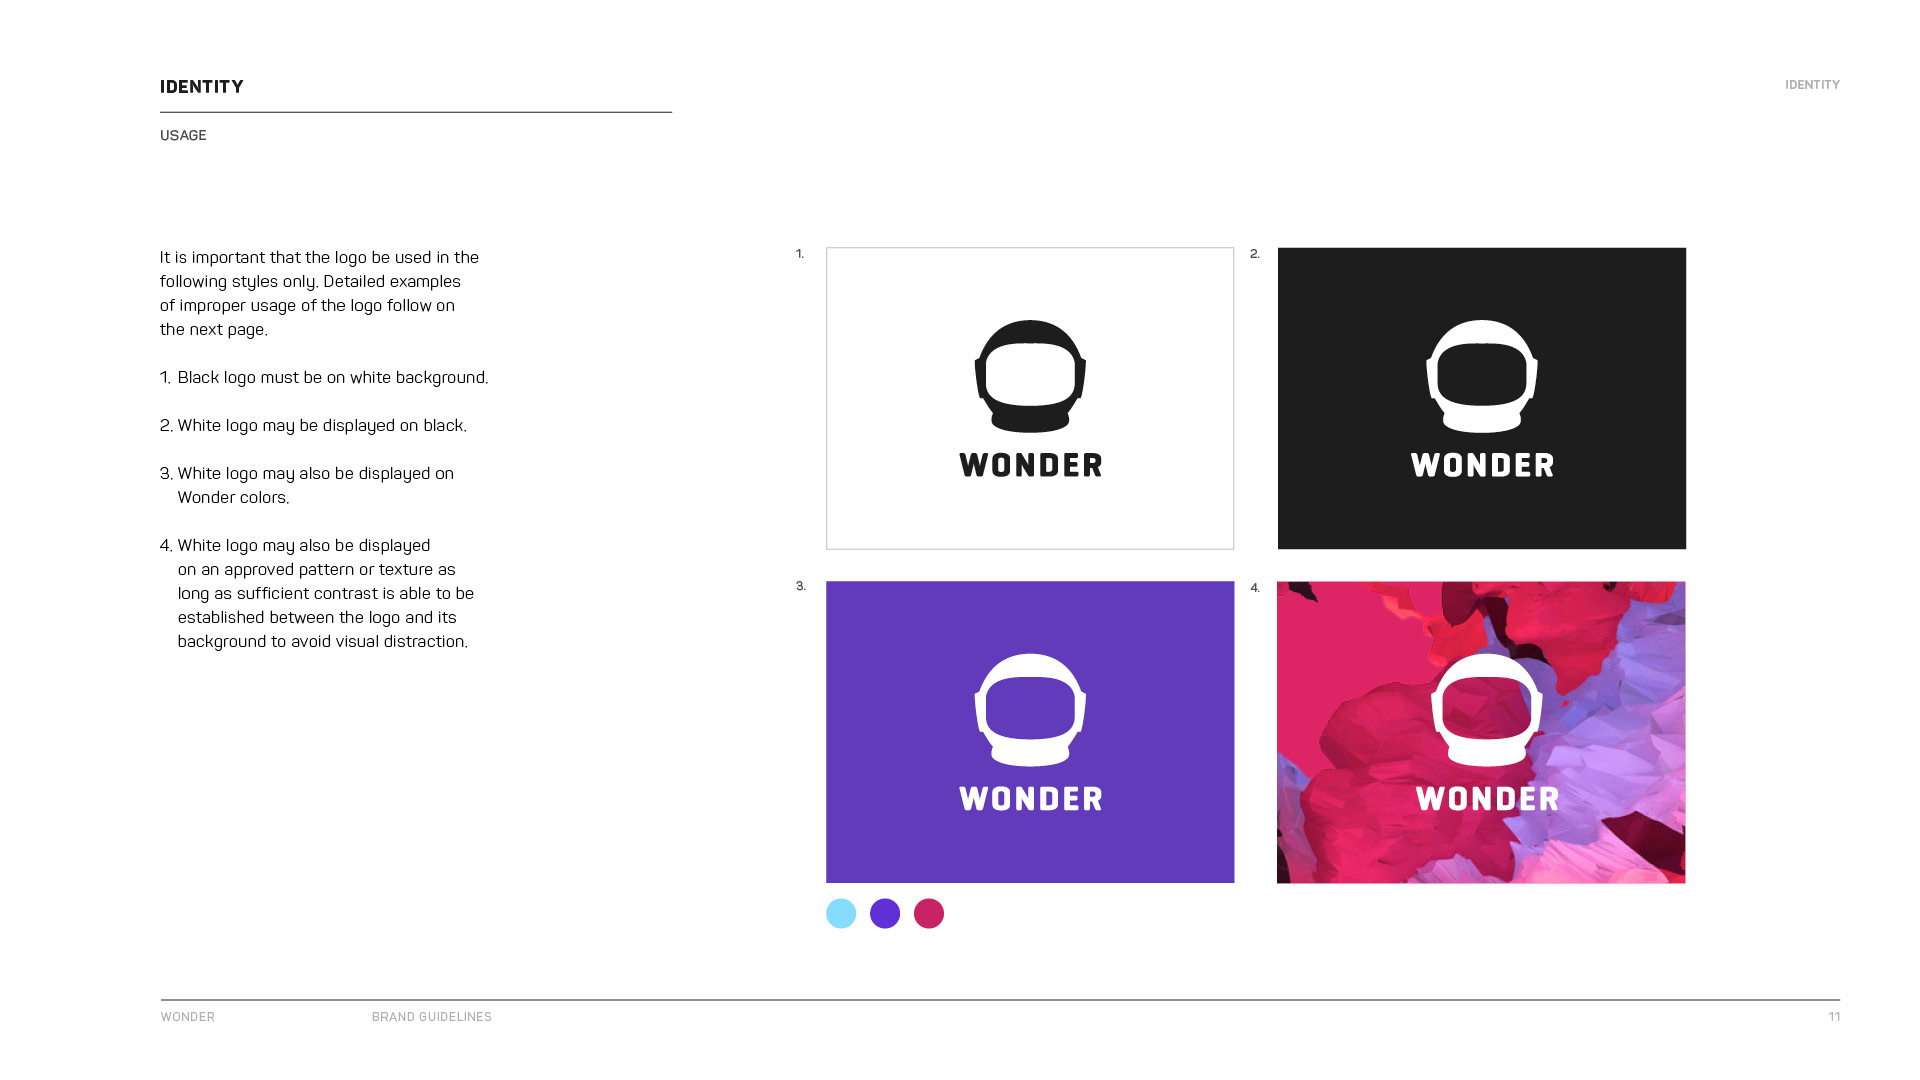 Wonder_BrandGuidelines_V1.111